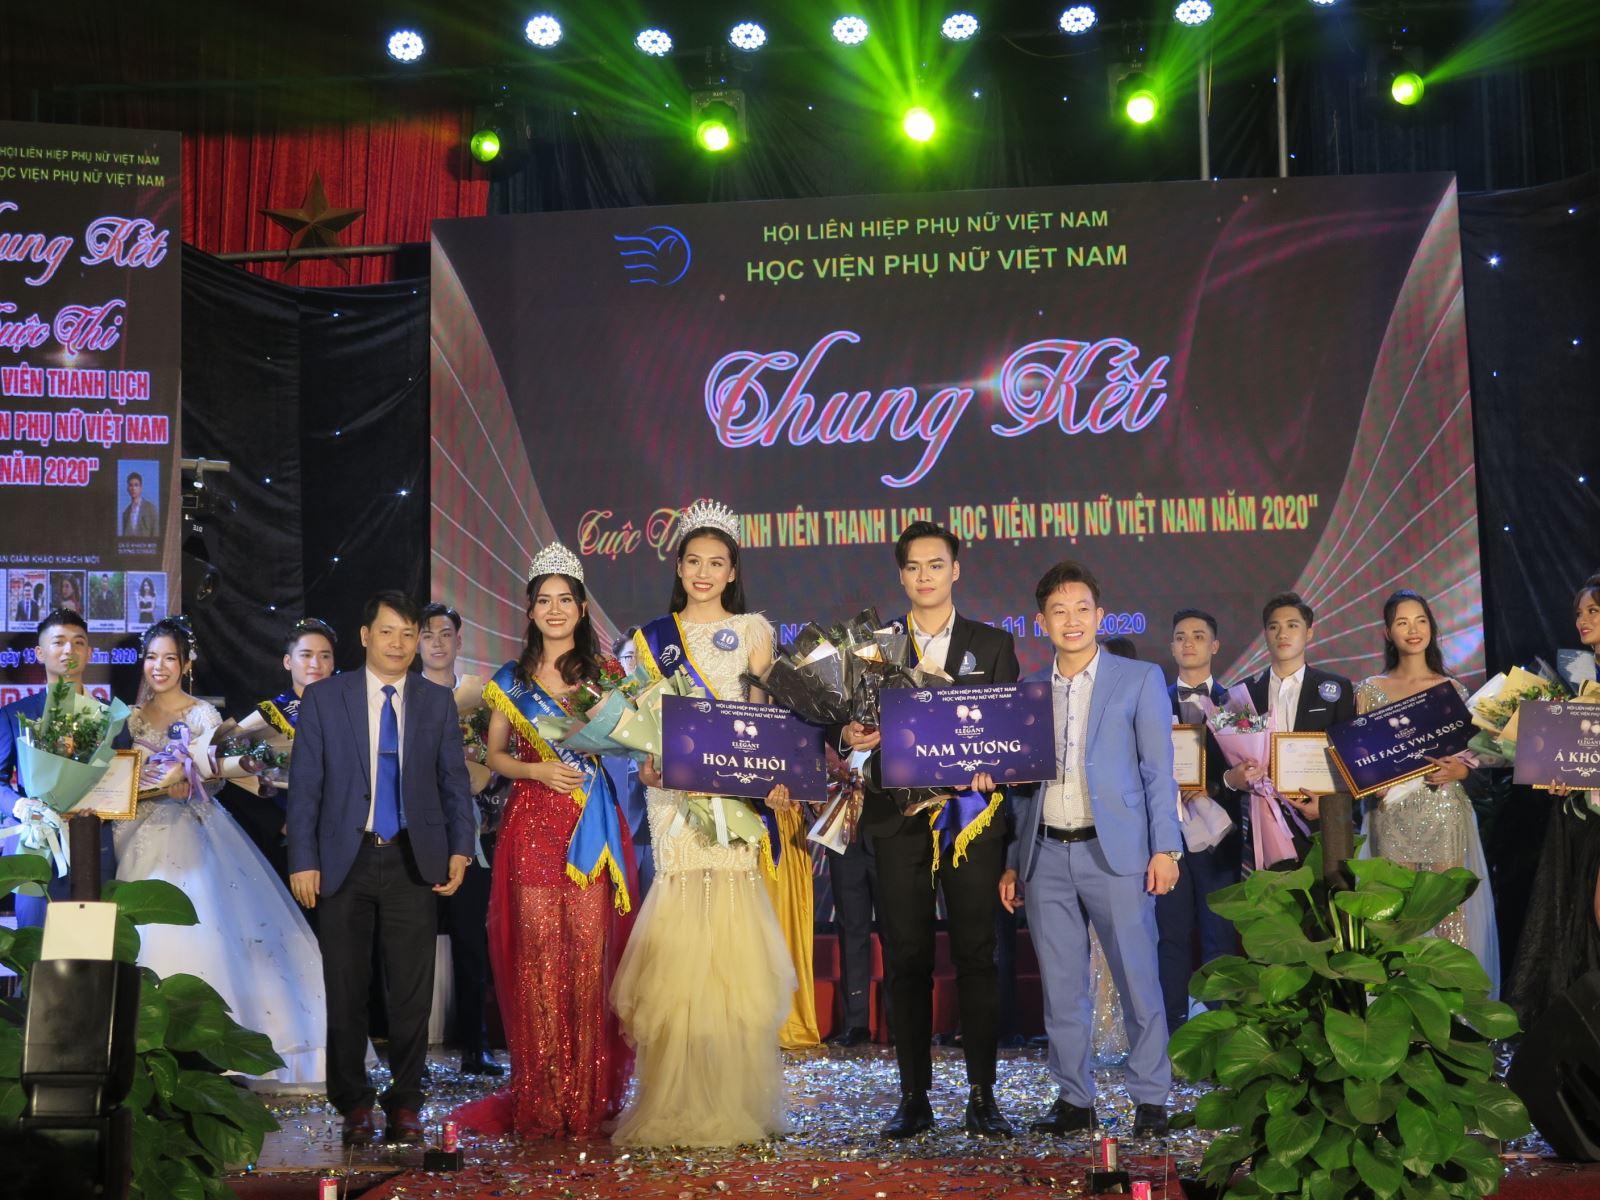 Quyết định khen thưởng Sinh viên đạt giải cuộc thi Sinh viên thanh lịch năm 2020